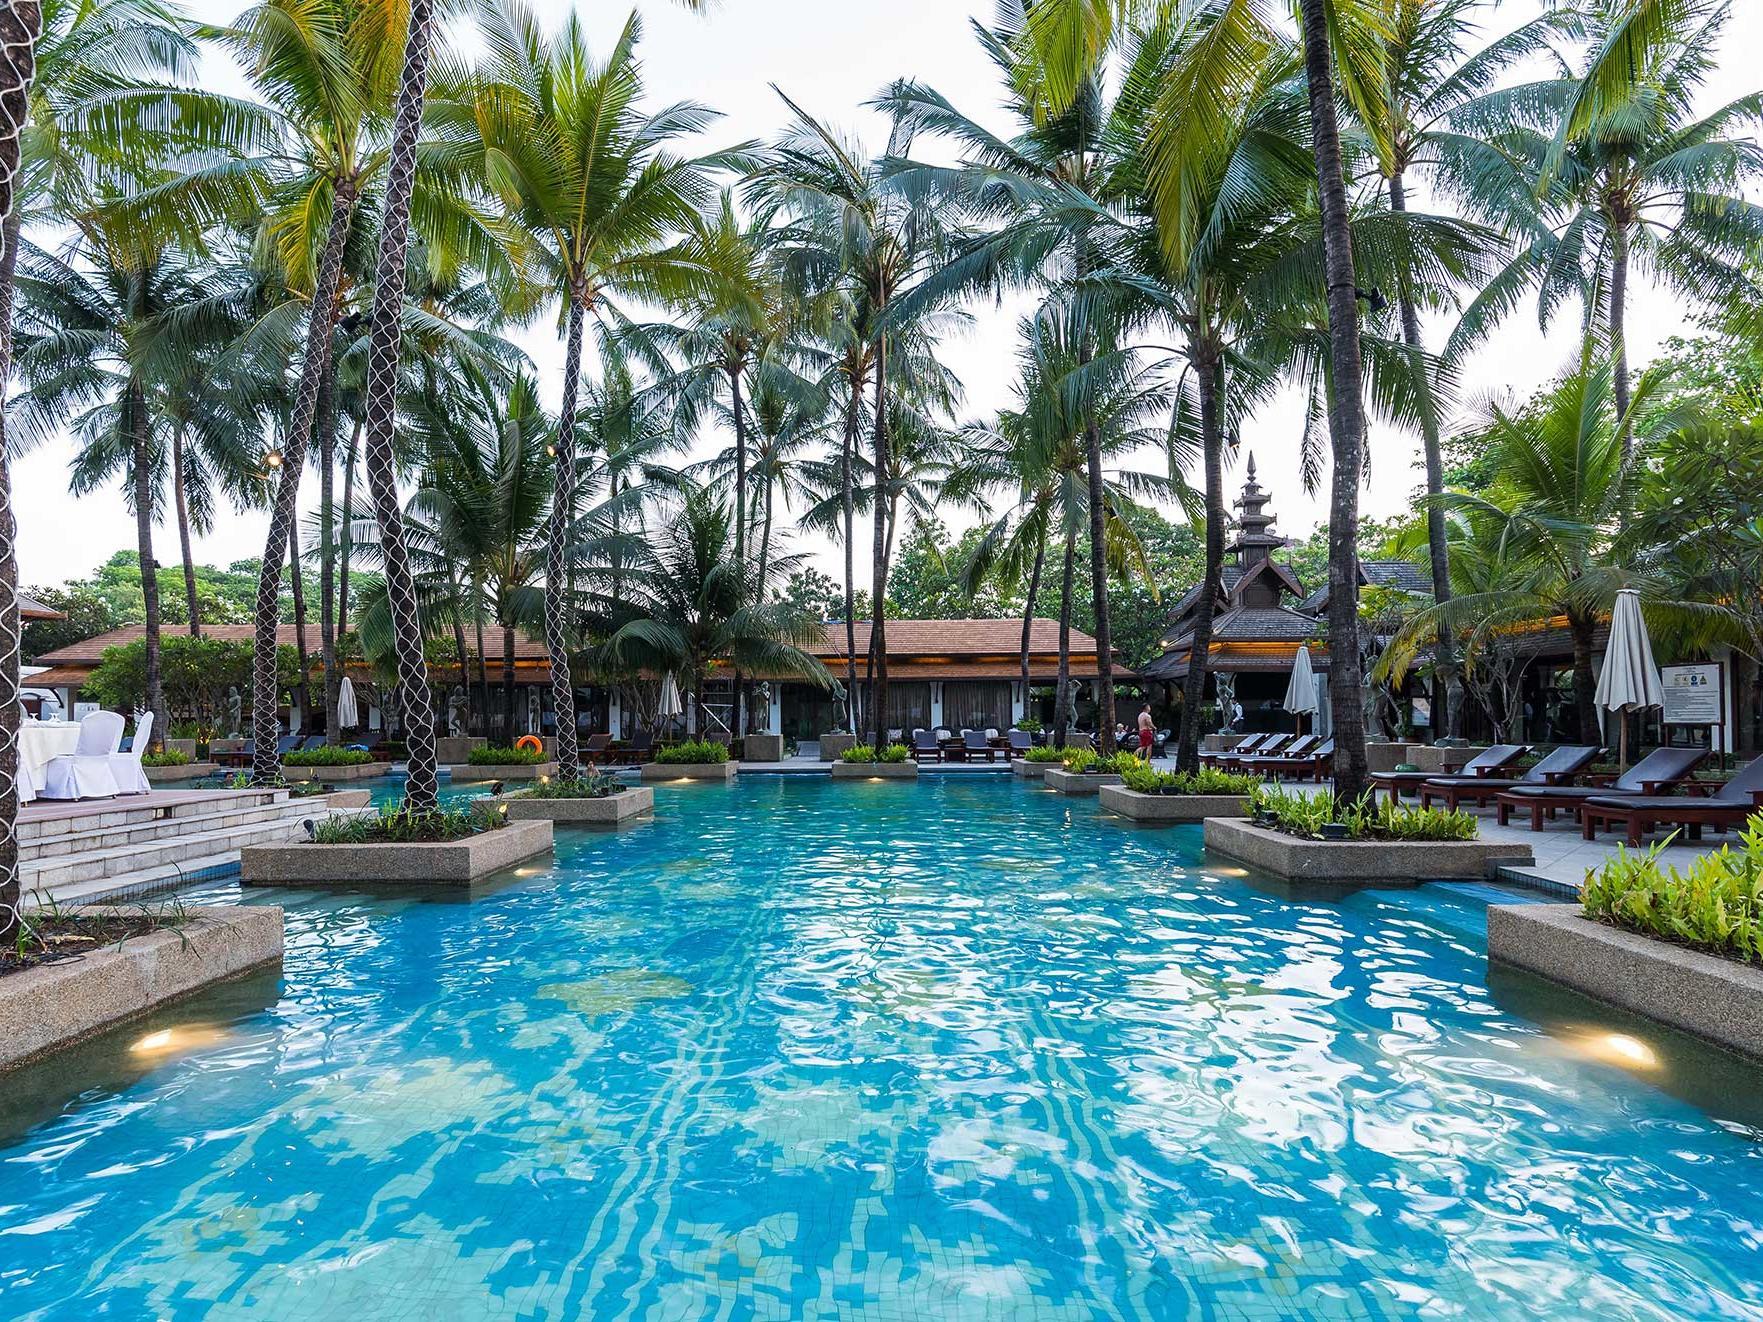 View of a Pool garden at Chatrium Hotel Royal Lake Yangon